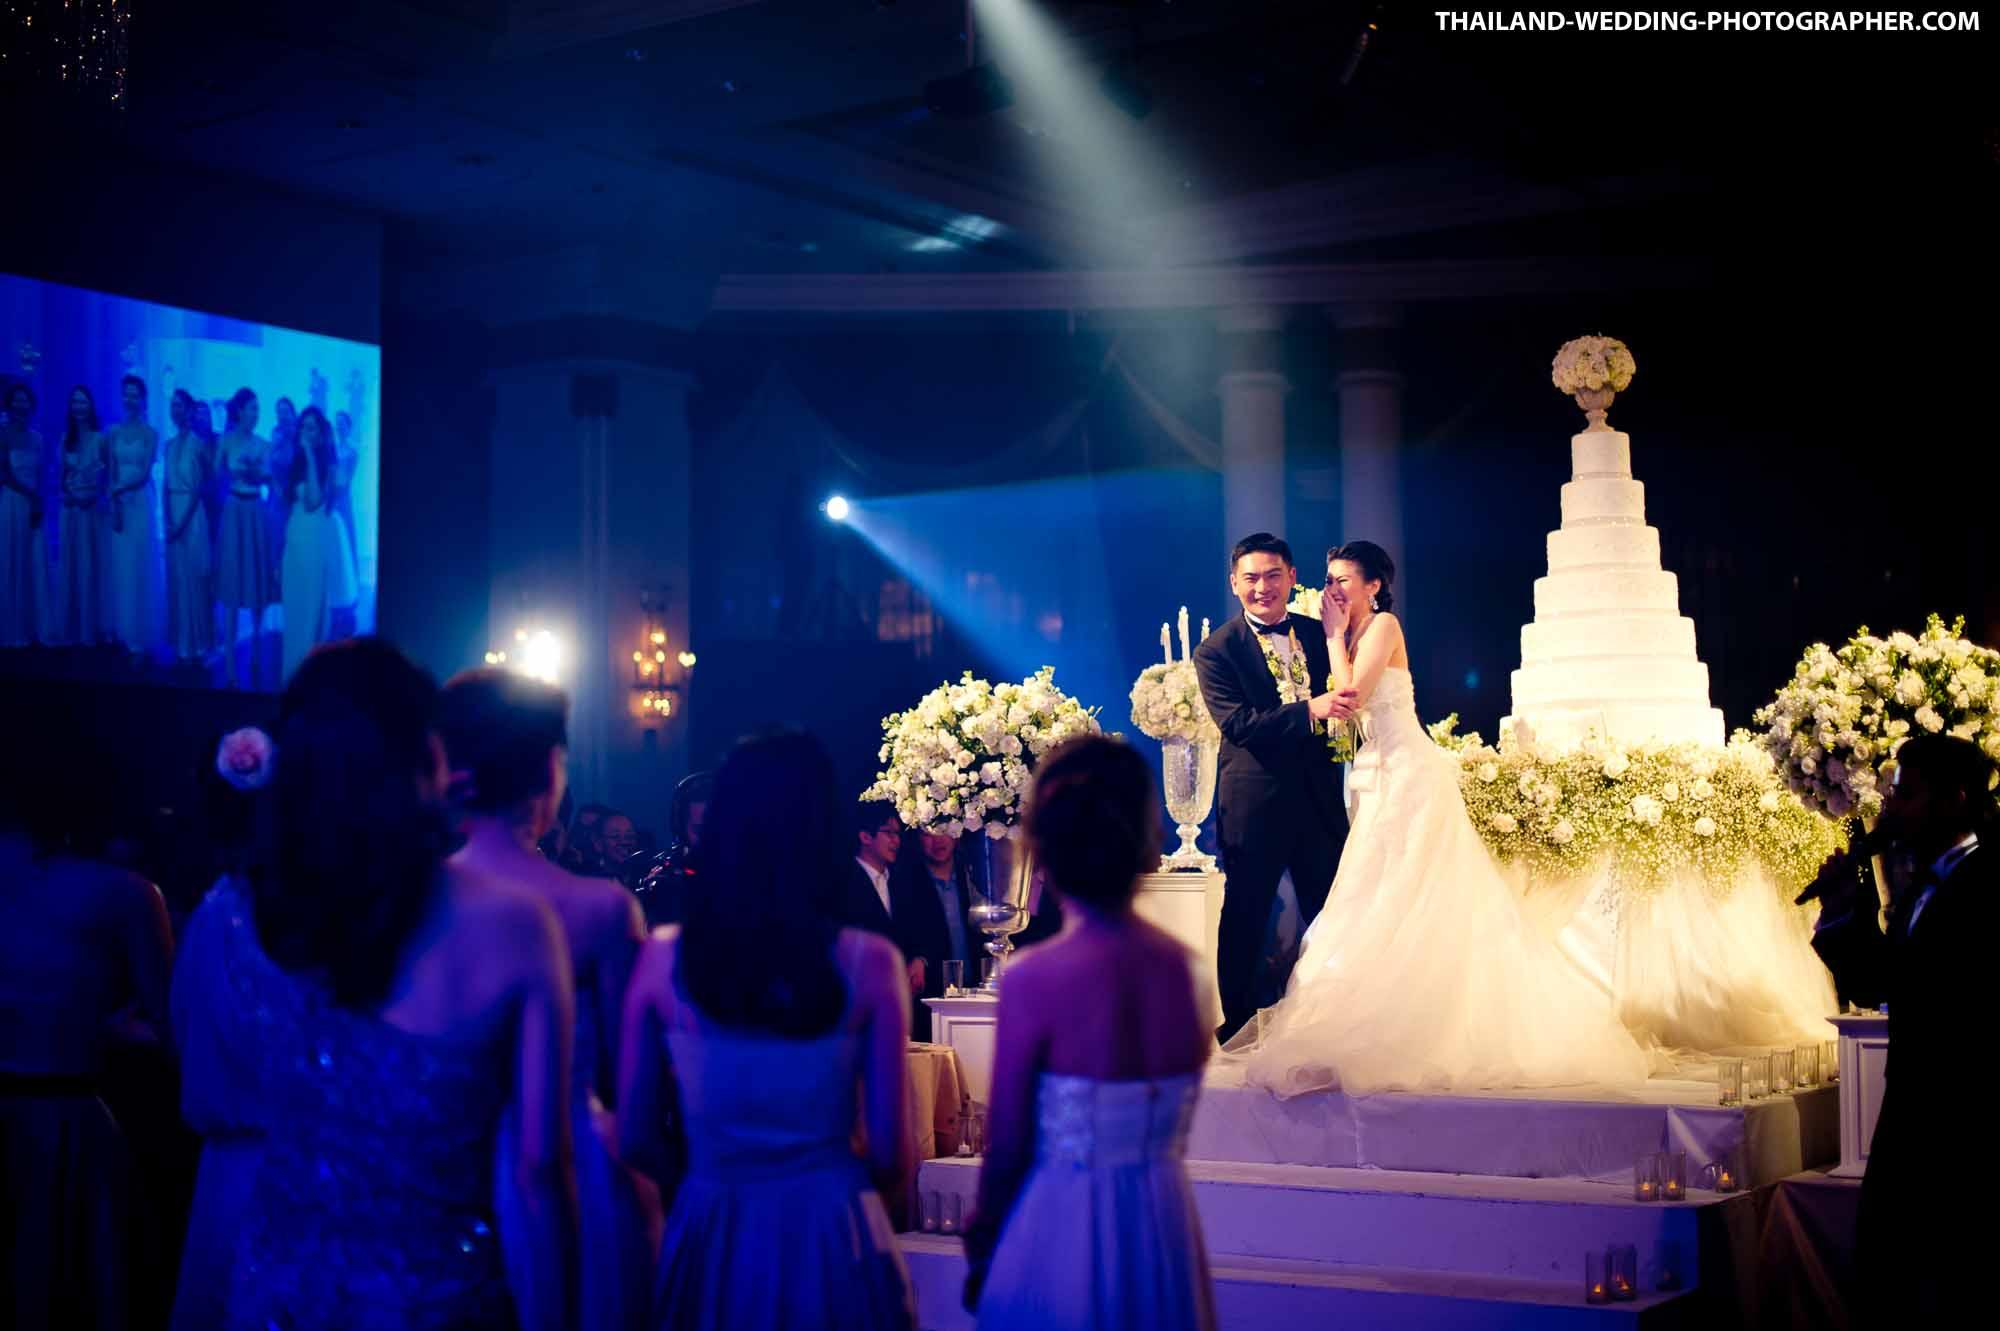 The Athenee Hotel Bangkok Wedding Photography